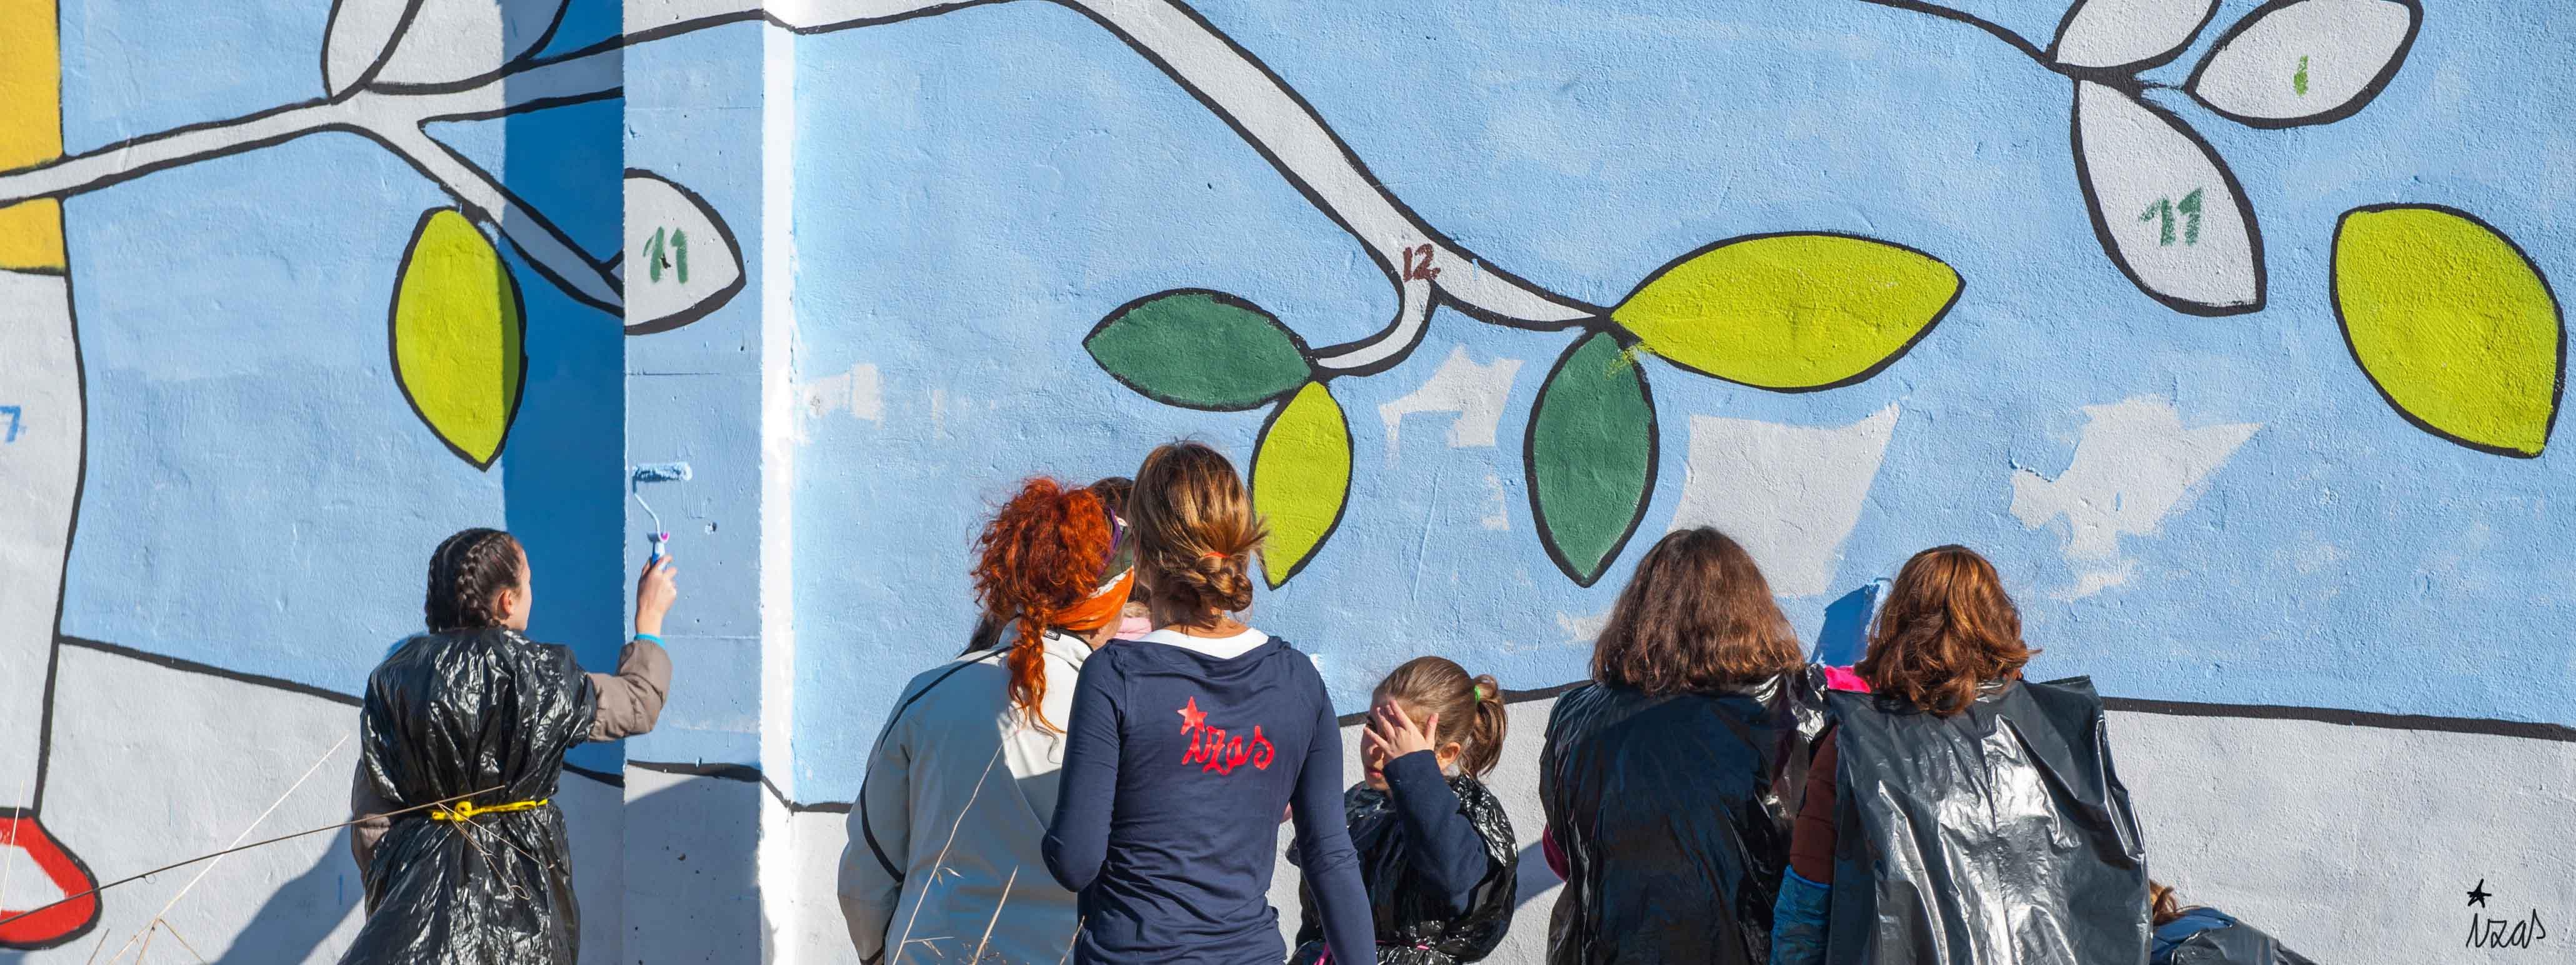 mural izas bosque sueños 16